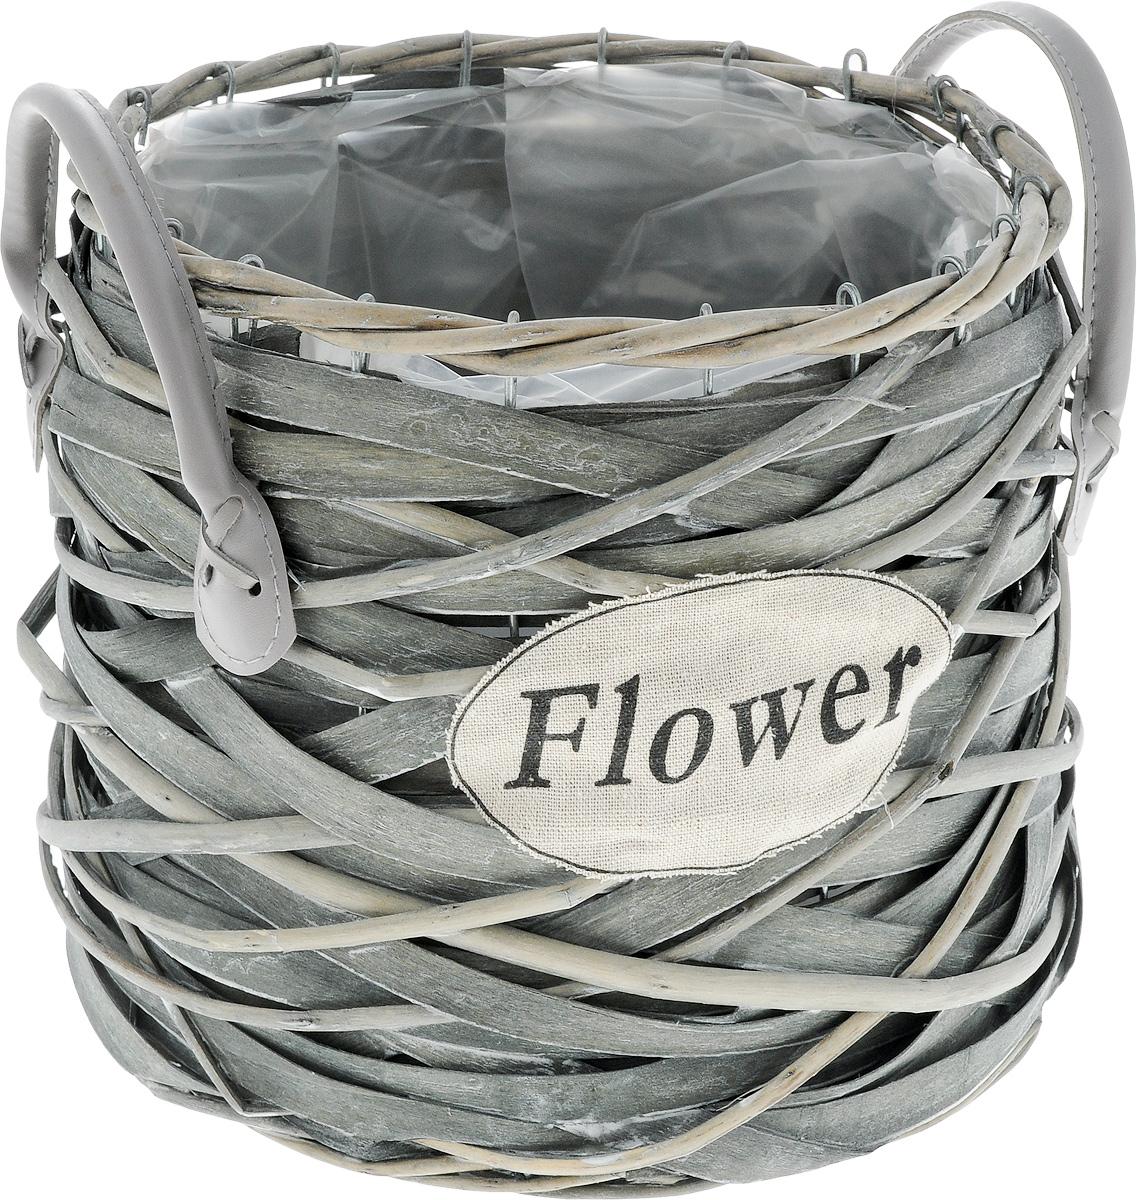 Кашпо Engard Flower, с ручками, 23 х 23 х 22 смZX929-MОригинальное плетеное кашпо с ручками Engard Flower из натурального дерева и ивовой лозы выглядит необычно и стильно. Внутренняя поверхность снабжена полиэтиленом. Металлический каркас и прочное плетение обеспечивают устойчивость. С внешней стороны кашпо дополнено текстильным элементом с надписью Flower. Ручки выполнены из искусственной кожи. Красивое и экологичное кашпо станет прекрасным украшением интерьера. Оригинальный дизайн в стиле прованс создаст уют в доме и оживит интерьер. Высота с учетом ручек: 24 см.Диаметр по верхнему краю: 23 см. Диаметр основания: 24 см.